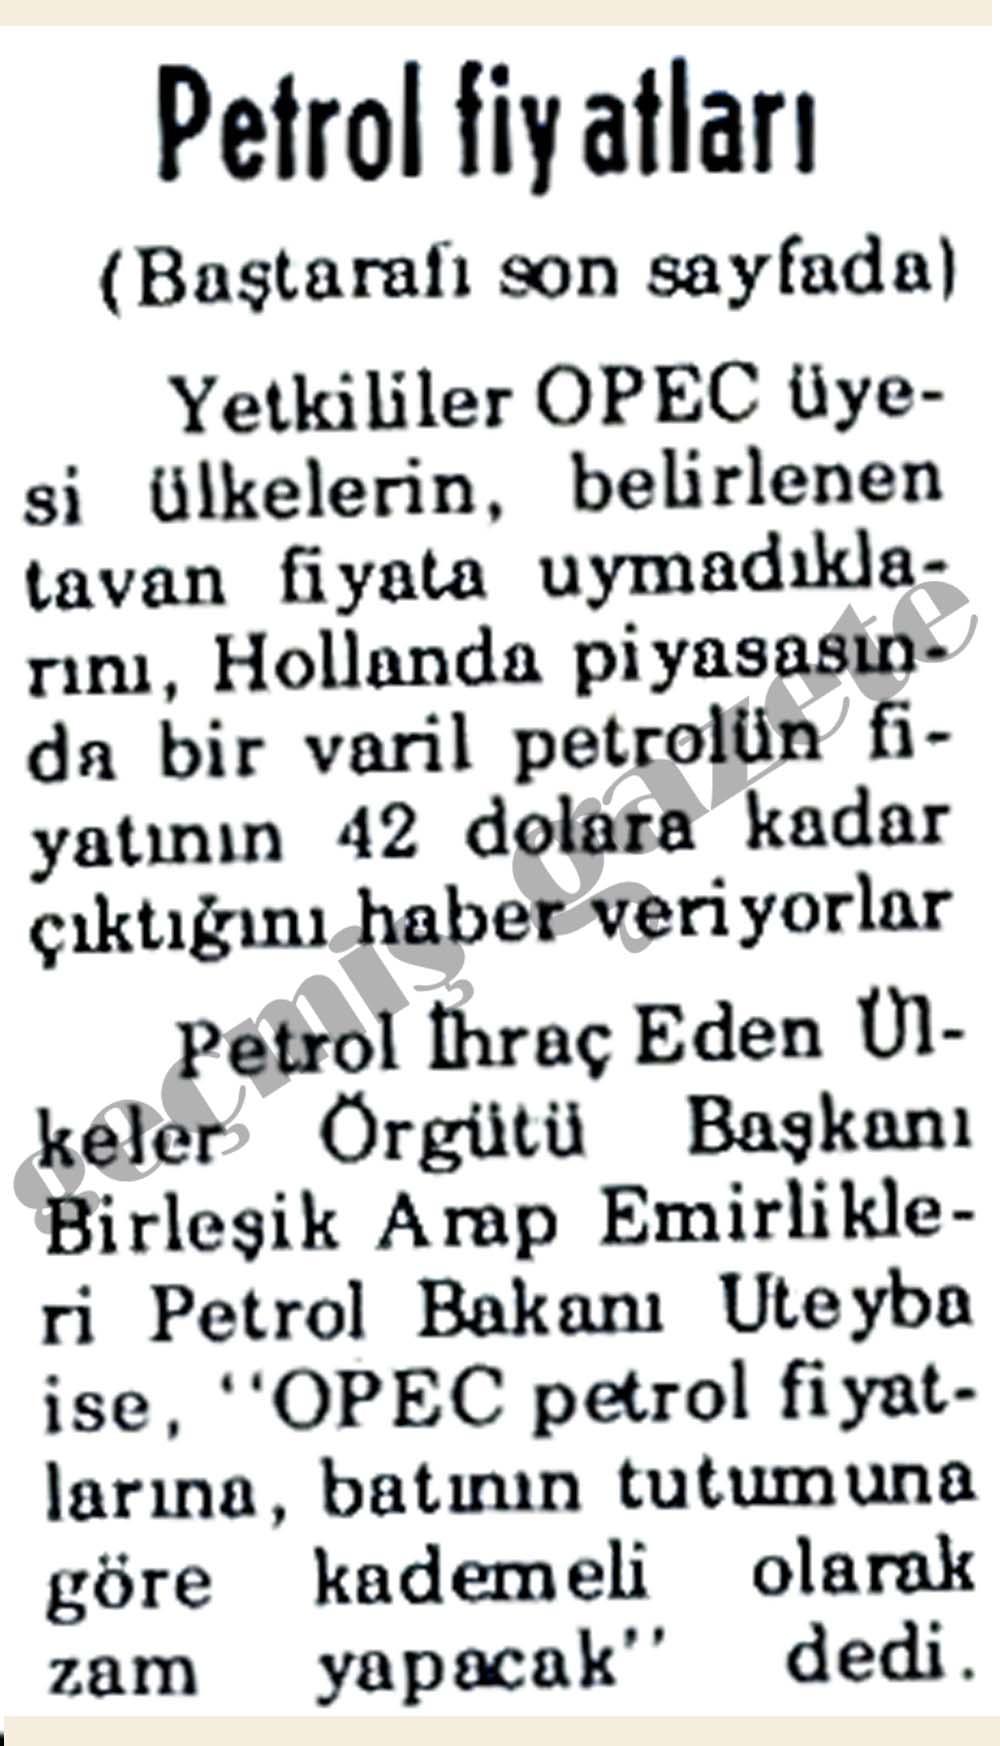 Petrol fiyatları çığrından çıktı